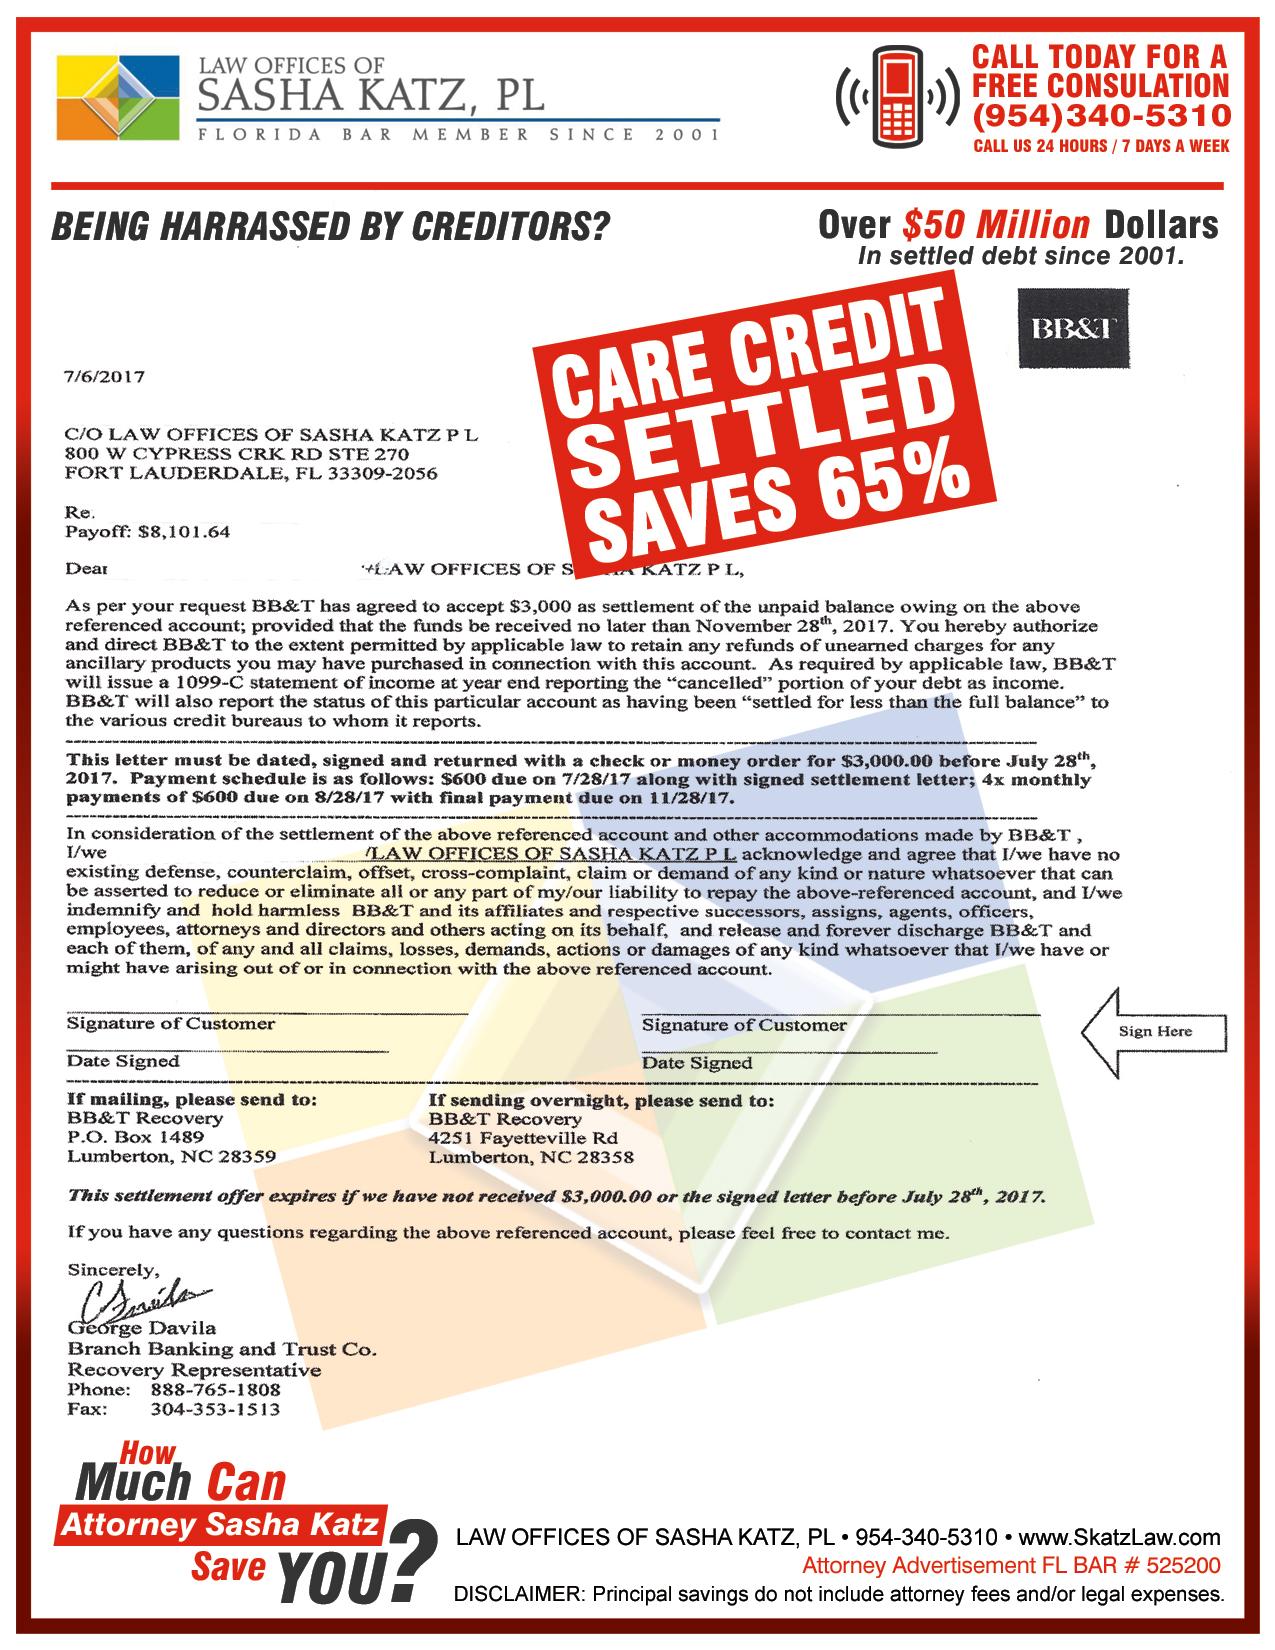 settlement_letter64_2020